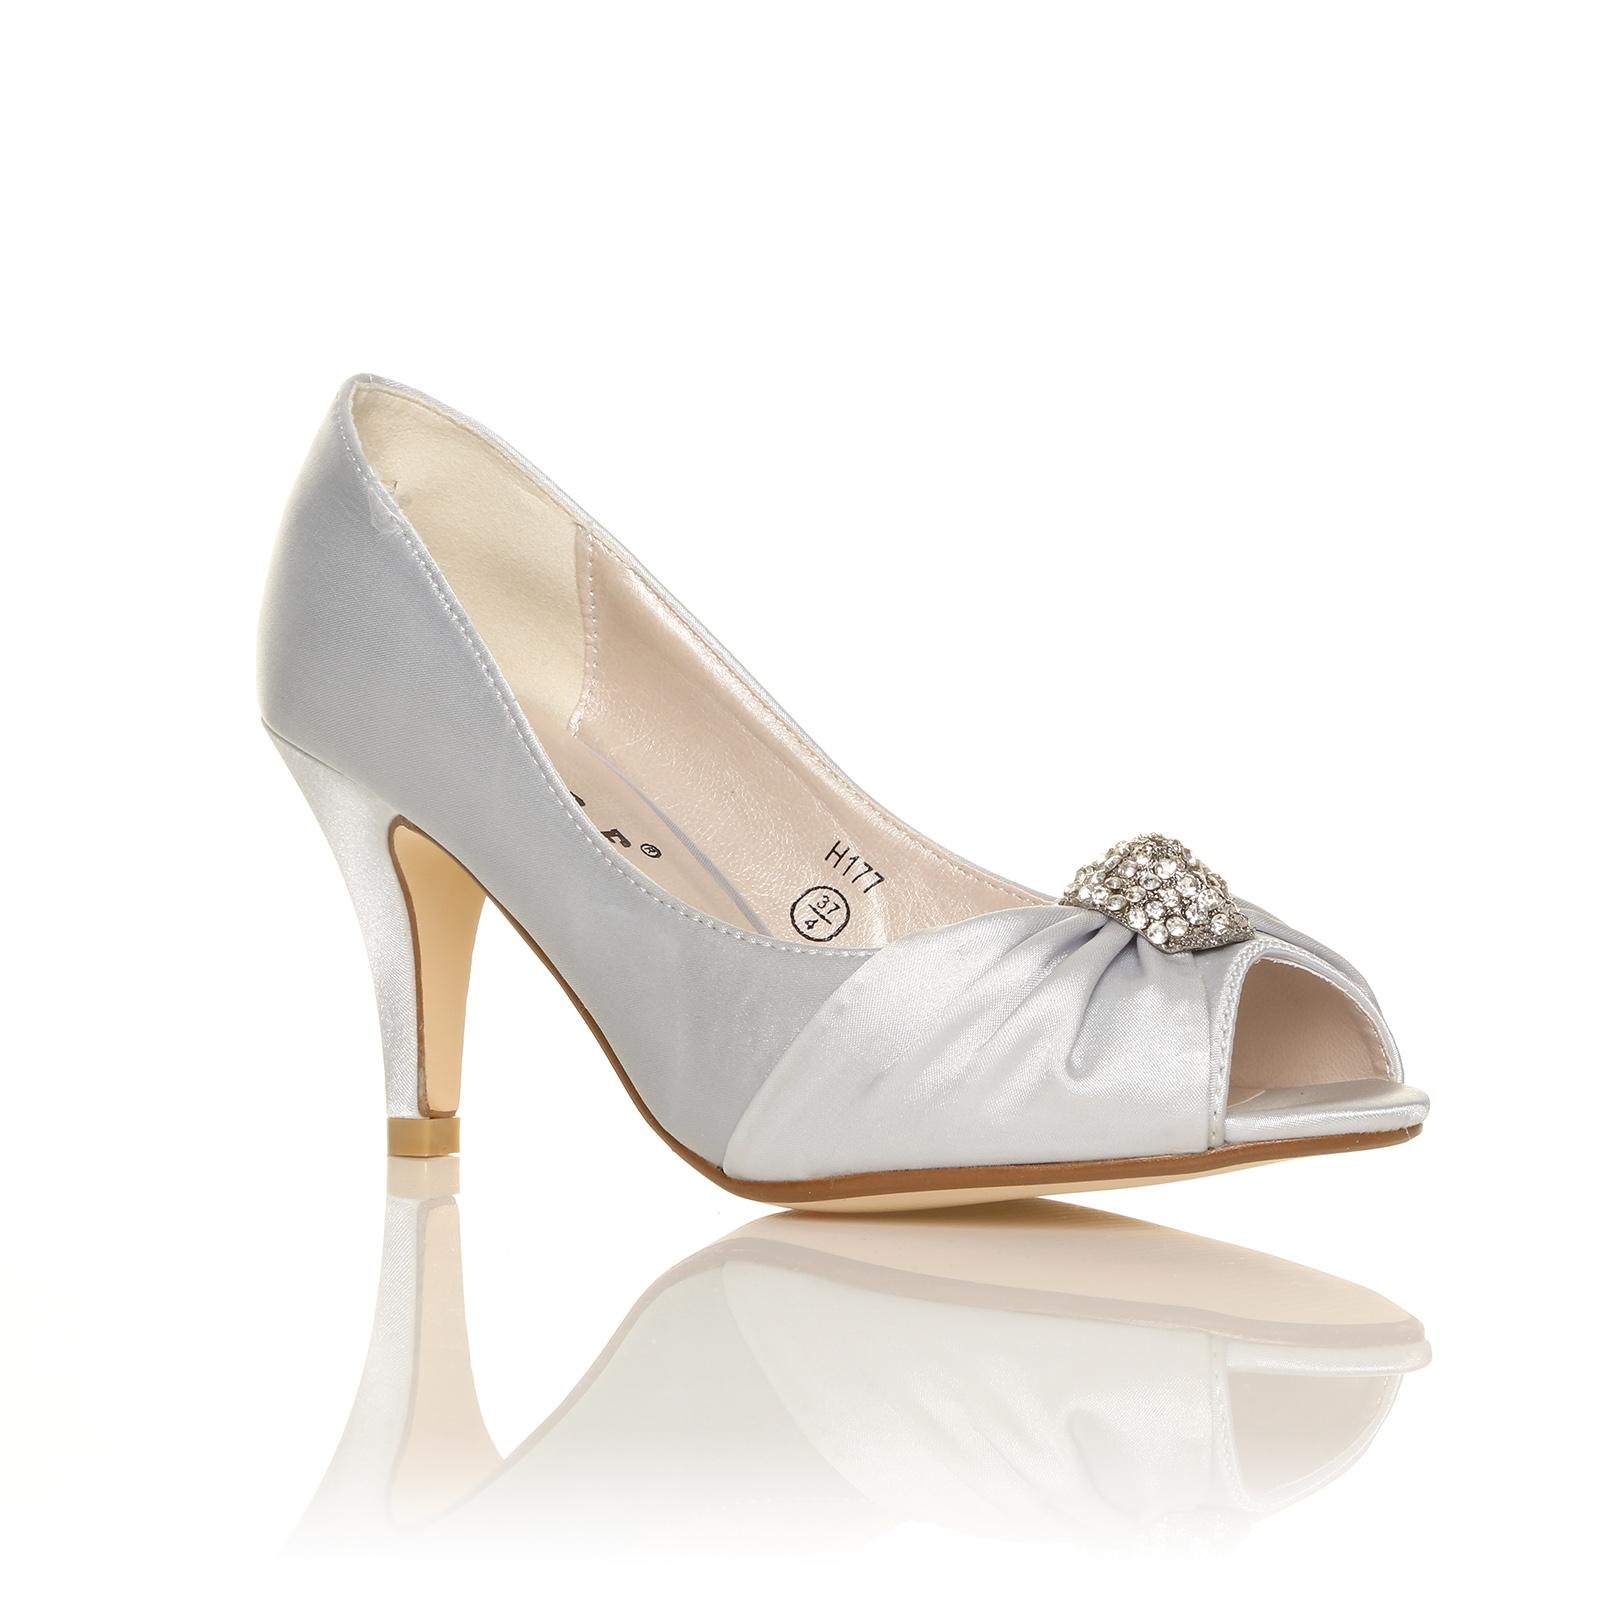 White Satin Bridesmaid Shoes